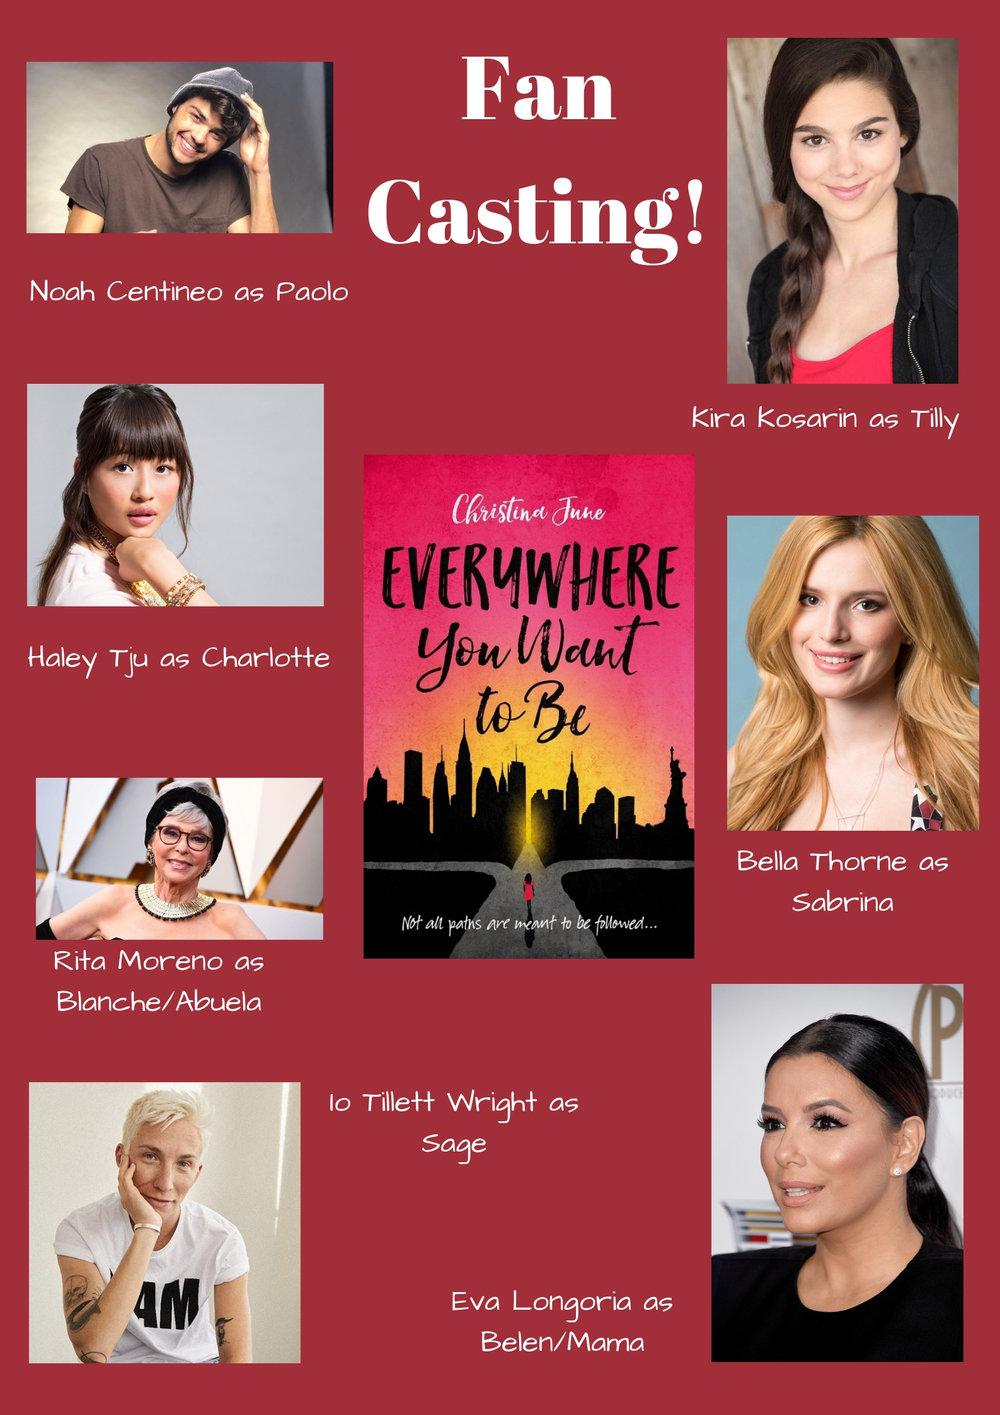 Fan Casting!.jpg